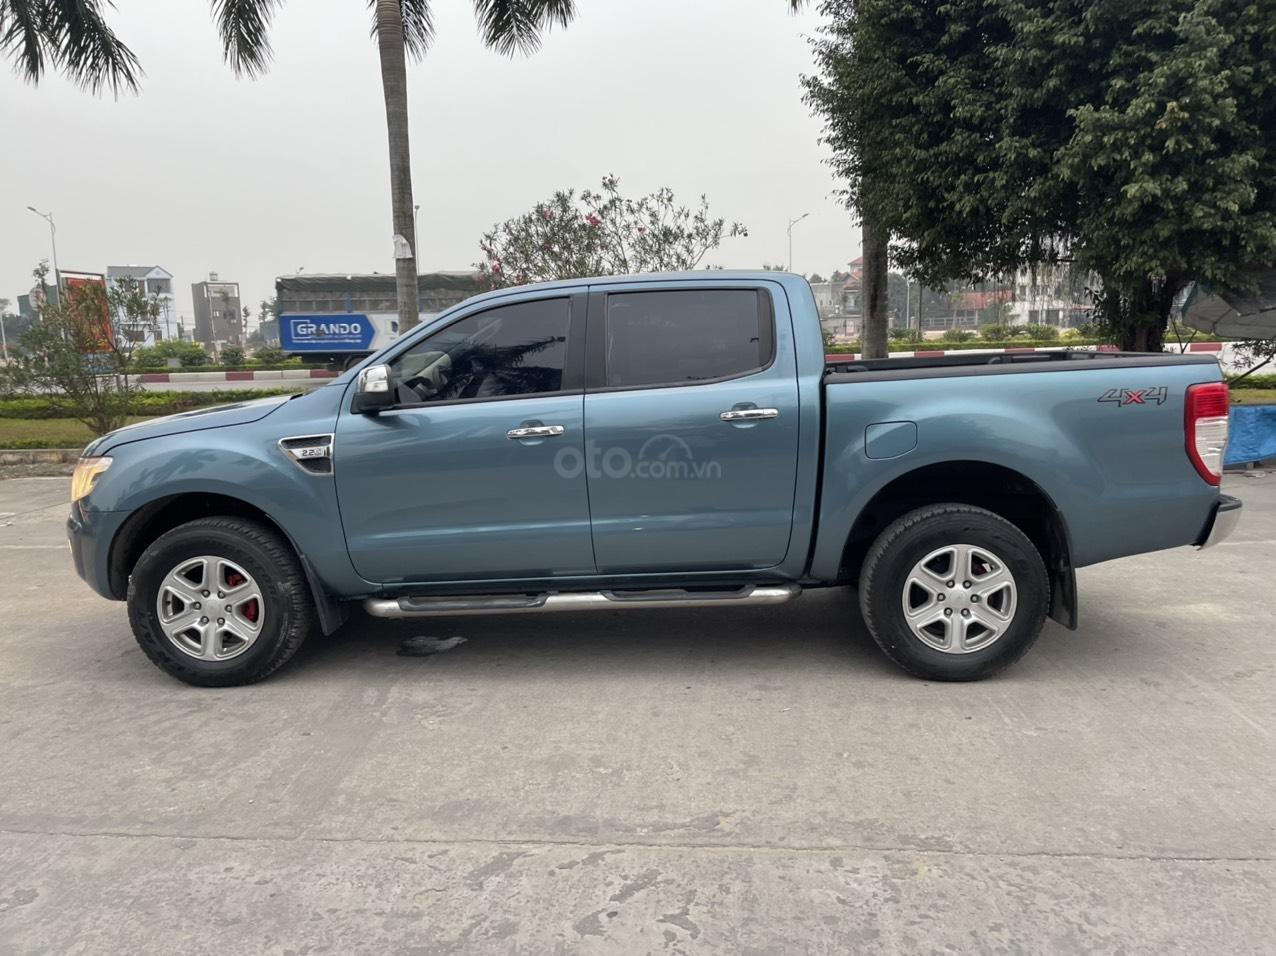 Ford Ranger XLT số sàn 2 cầu sx 2014, giá 456tr (4)